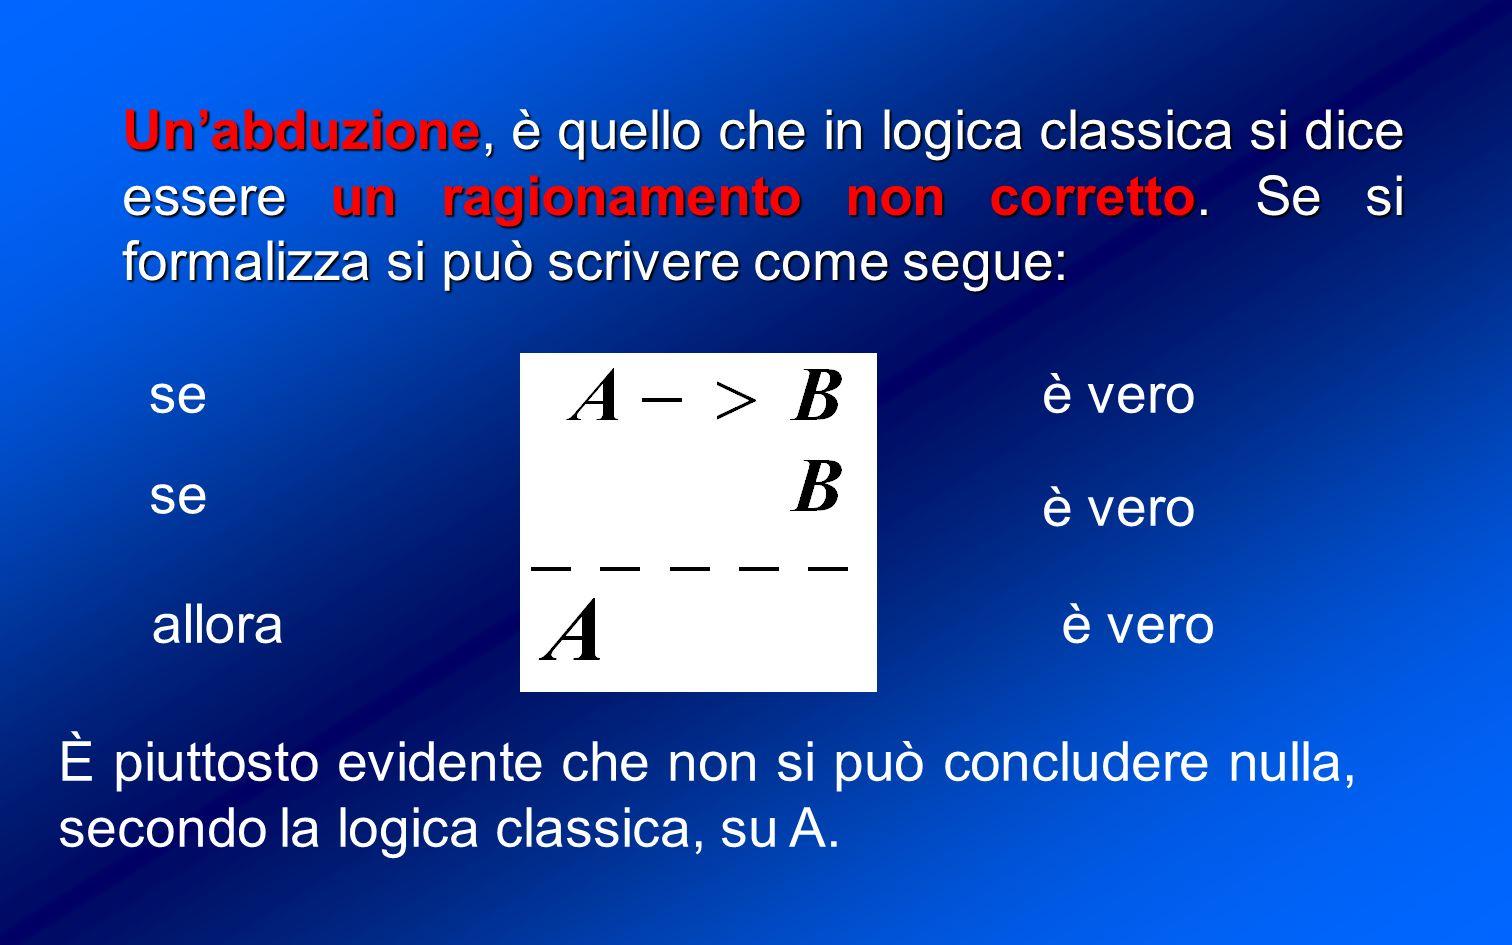 Un'abduzione, è quello che in logica classica si dice essere un ragionamento non corretto. Se si formalizza si può scrivere come segue: